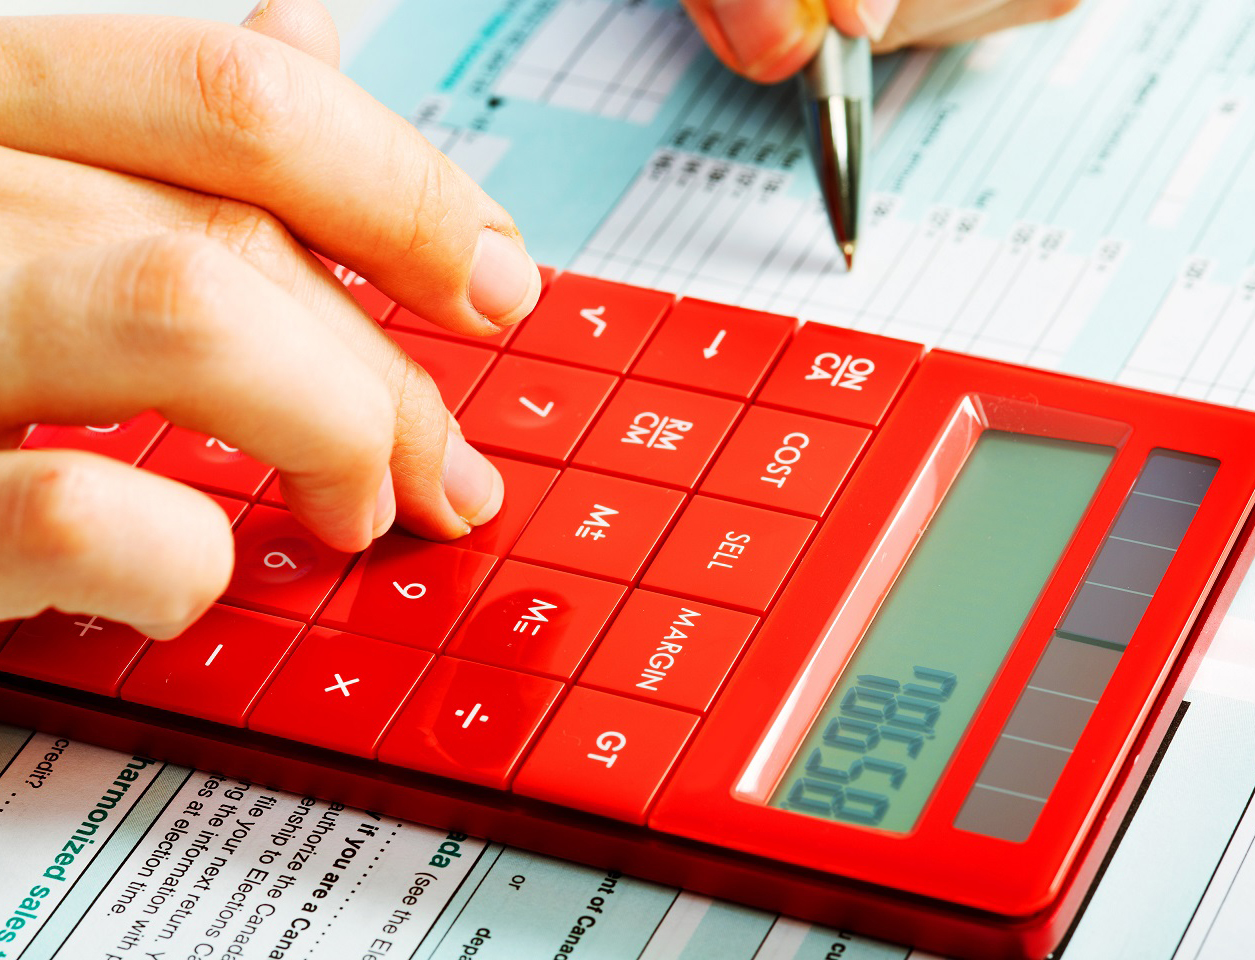 Aplikasi Keuangan, Apakah Efektif Untuk Mengembangkan Bisnis?